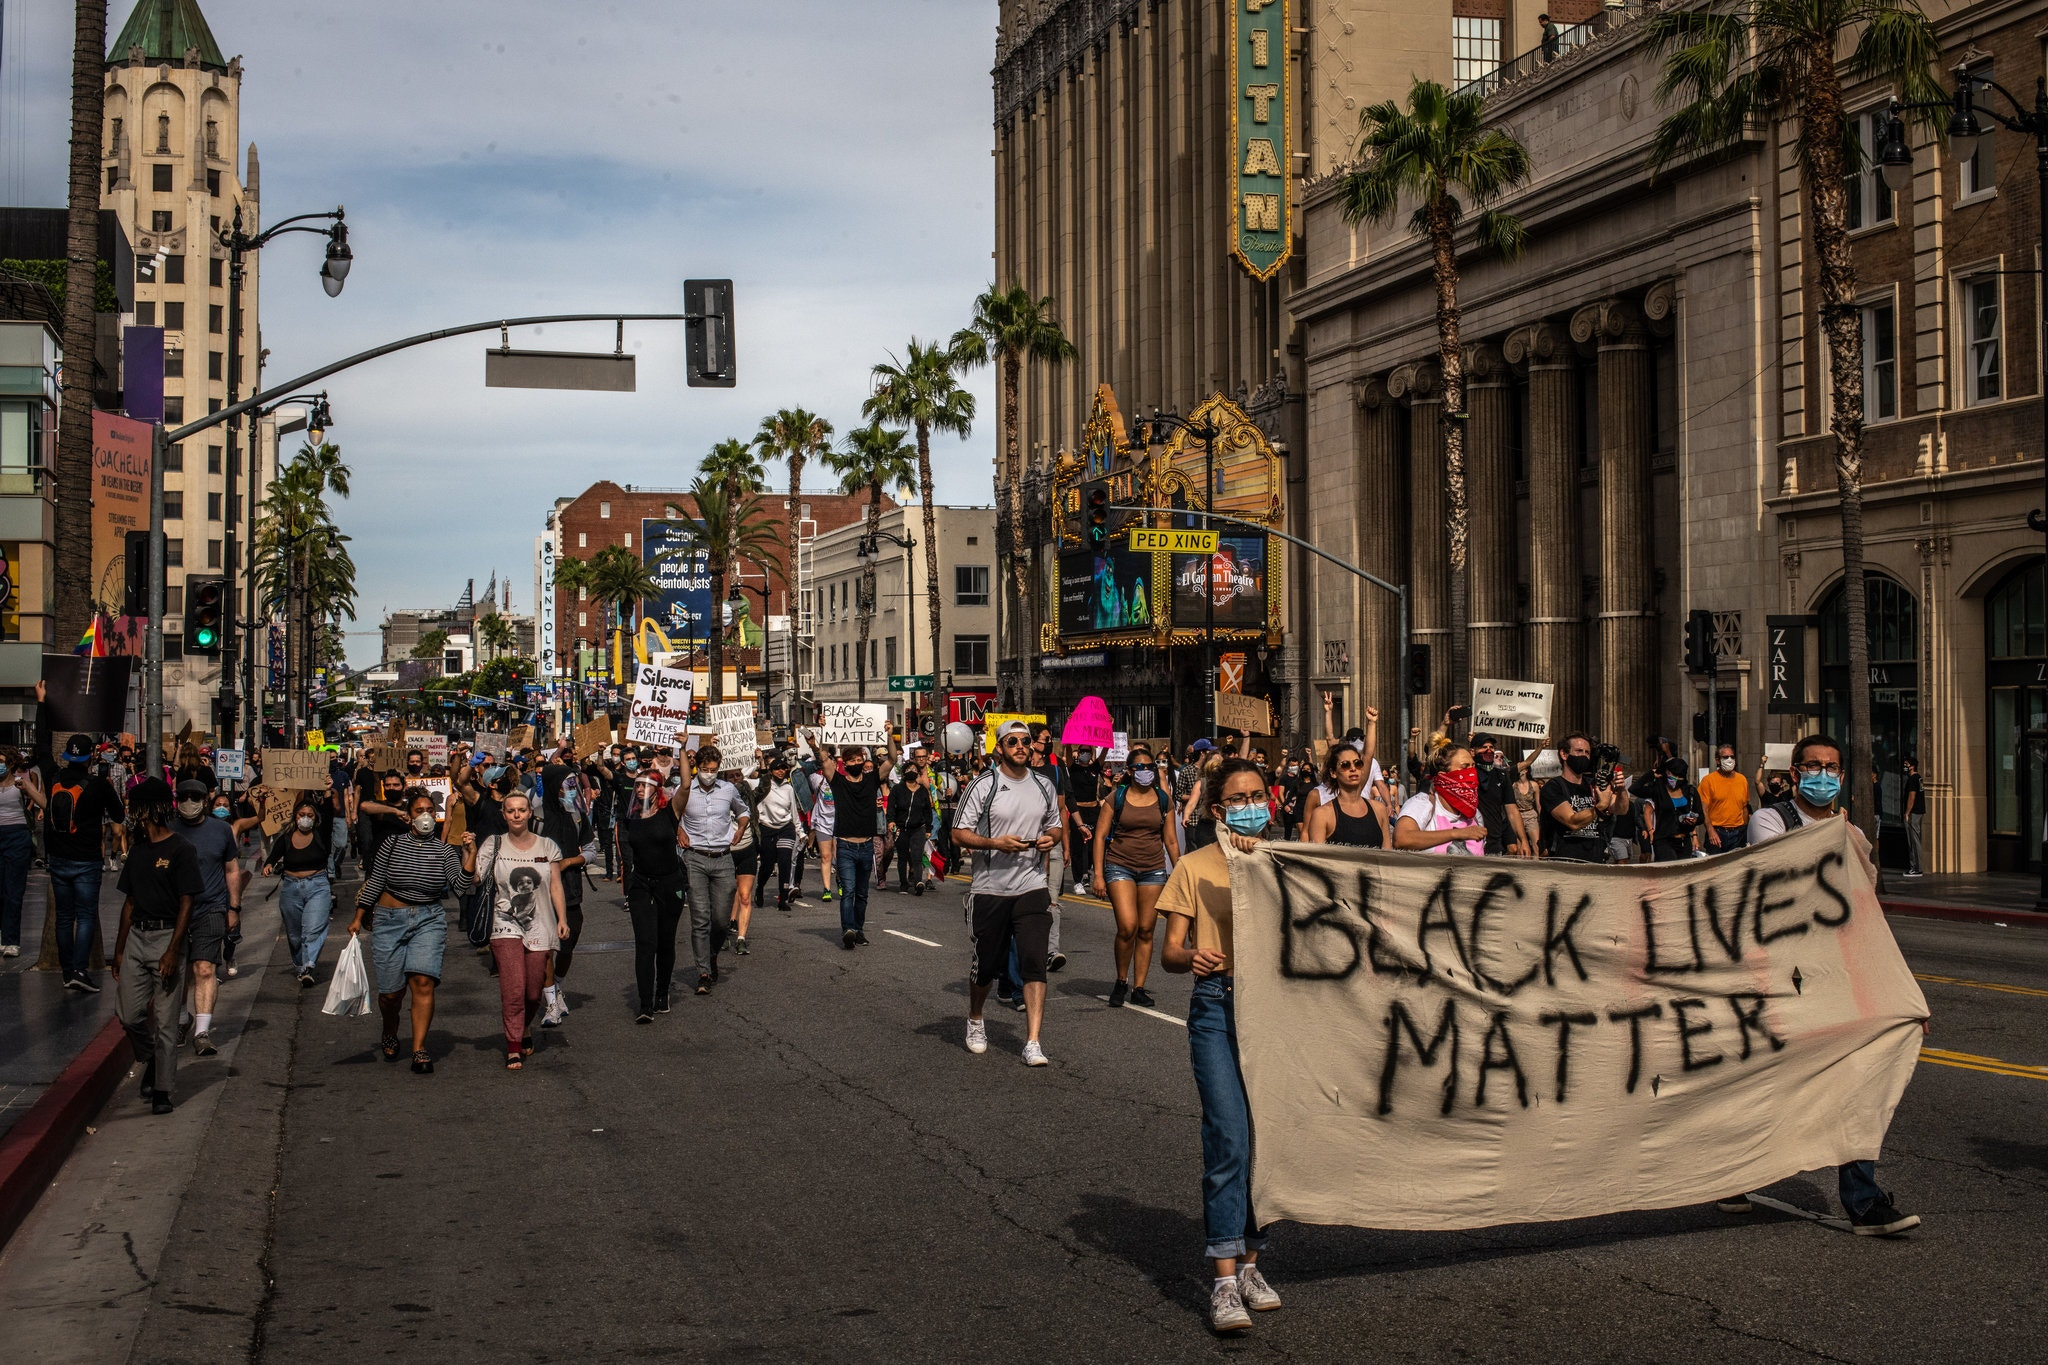 تظاهرات و درگیری مردم با پلیس در آمریکا همچنان ادامه دارد